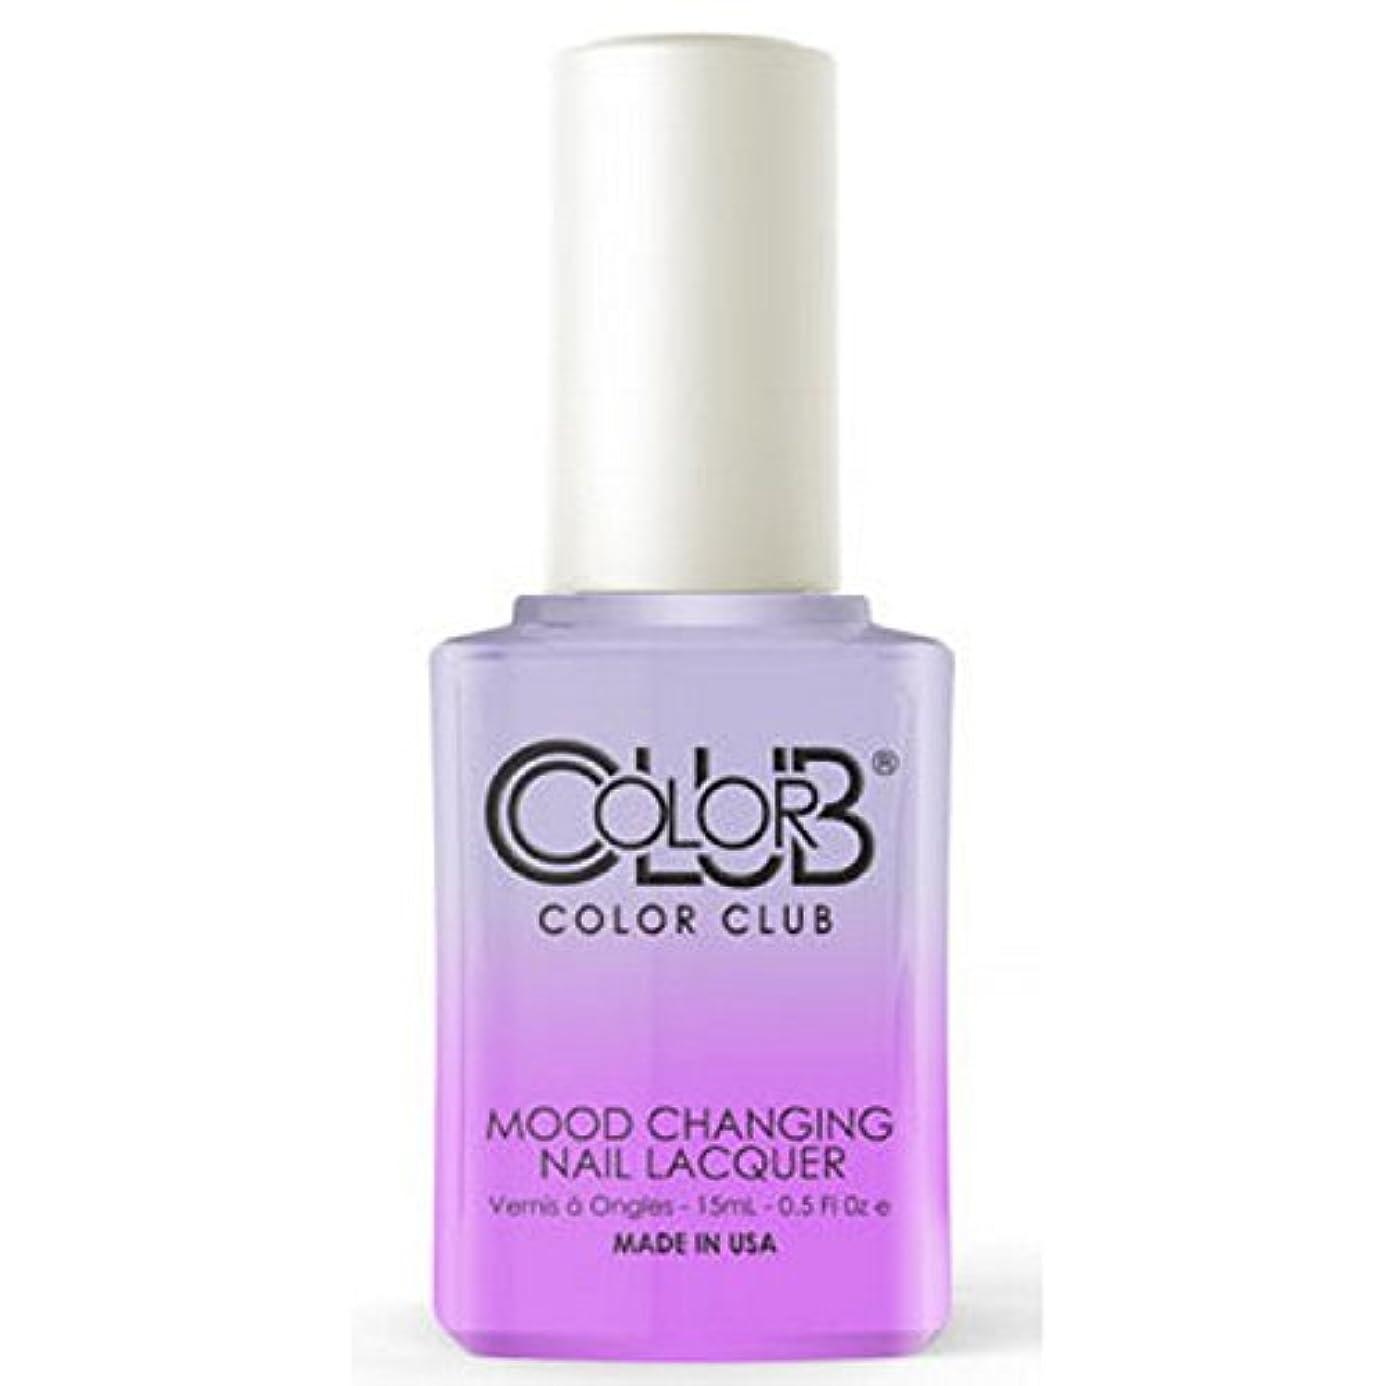 宣言講堂観客Color Club Mood Changing Nail Lacquer - Easy Breezy- 15 mL / 0.5 fl oz